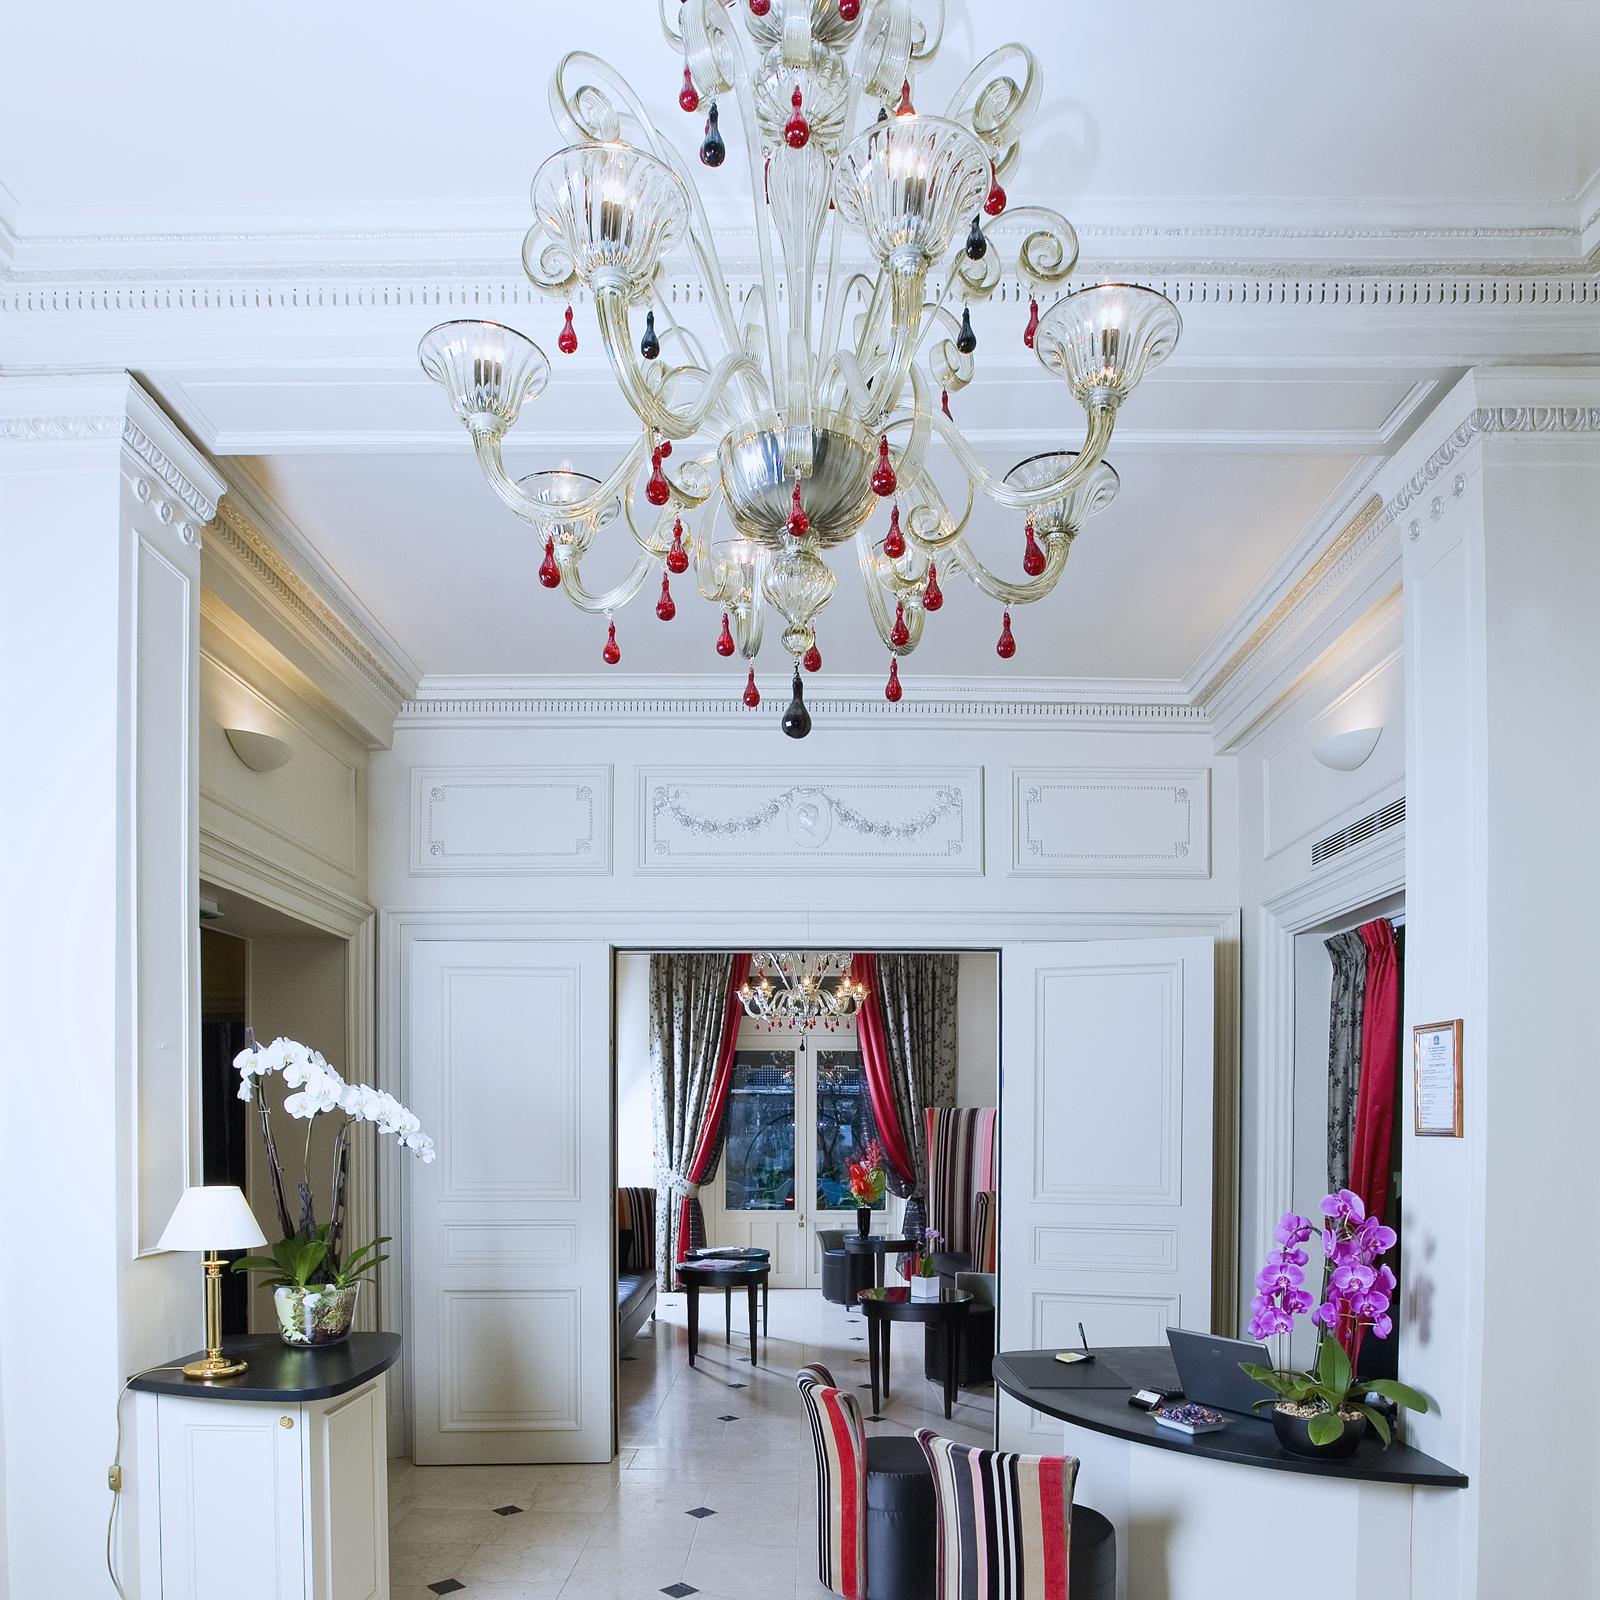 regents-garden-hotel-veronese-3